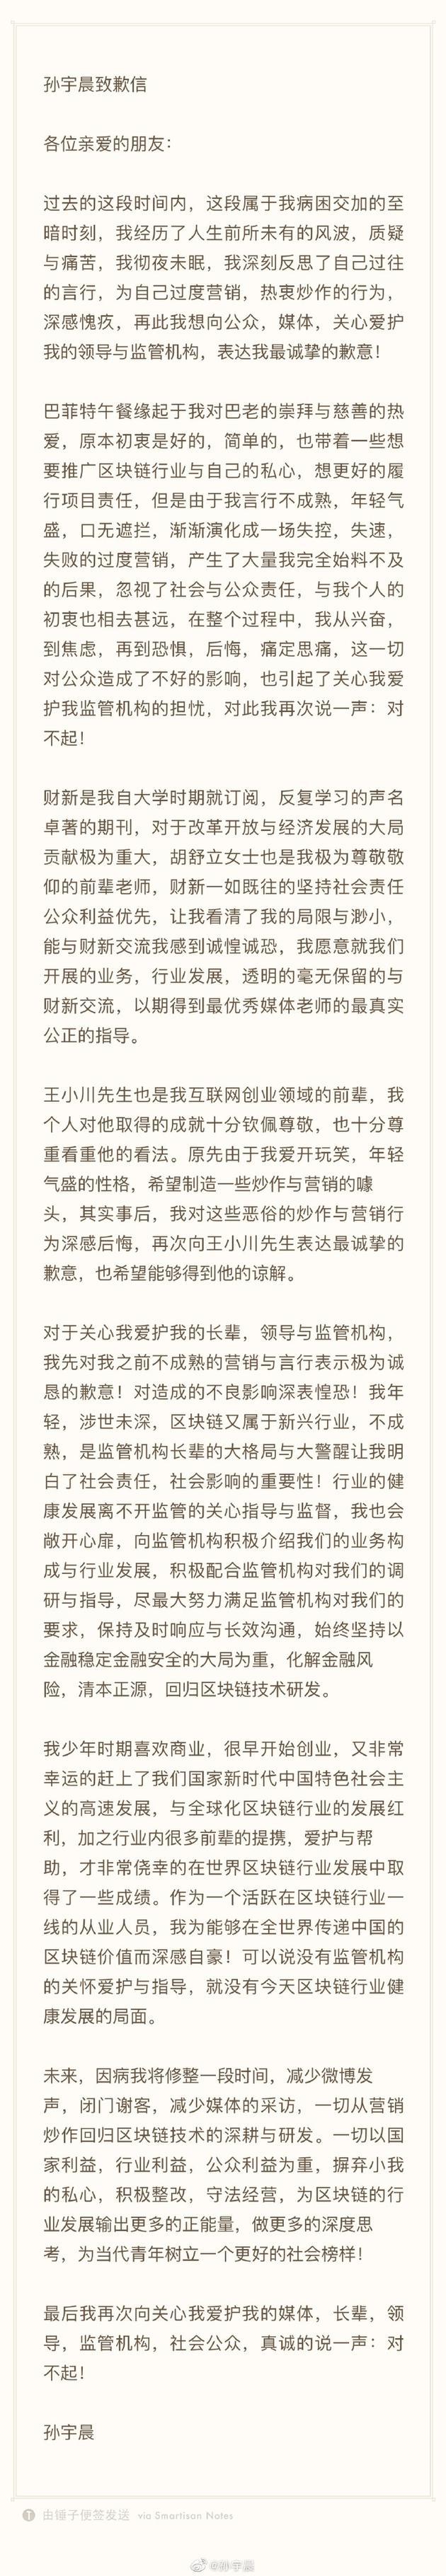 孙宇晨发布道歉信:对恶俗炒作与营销行为深感后悔